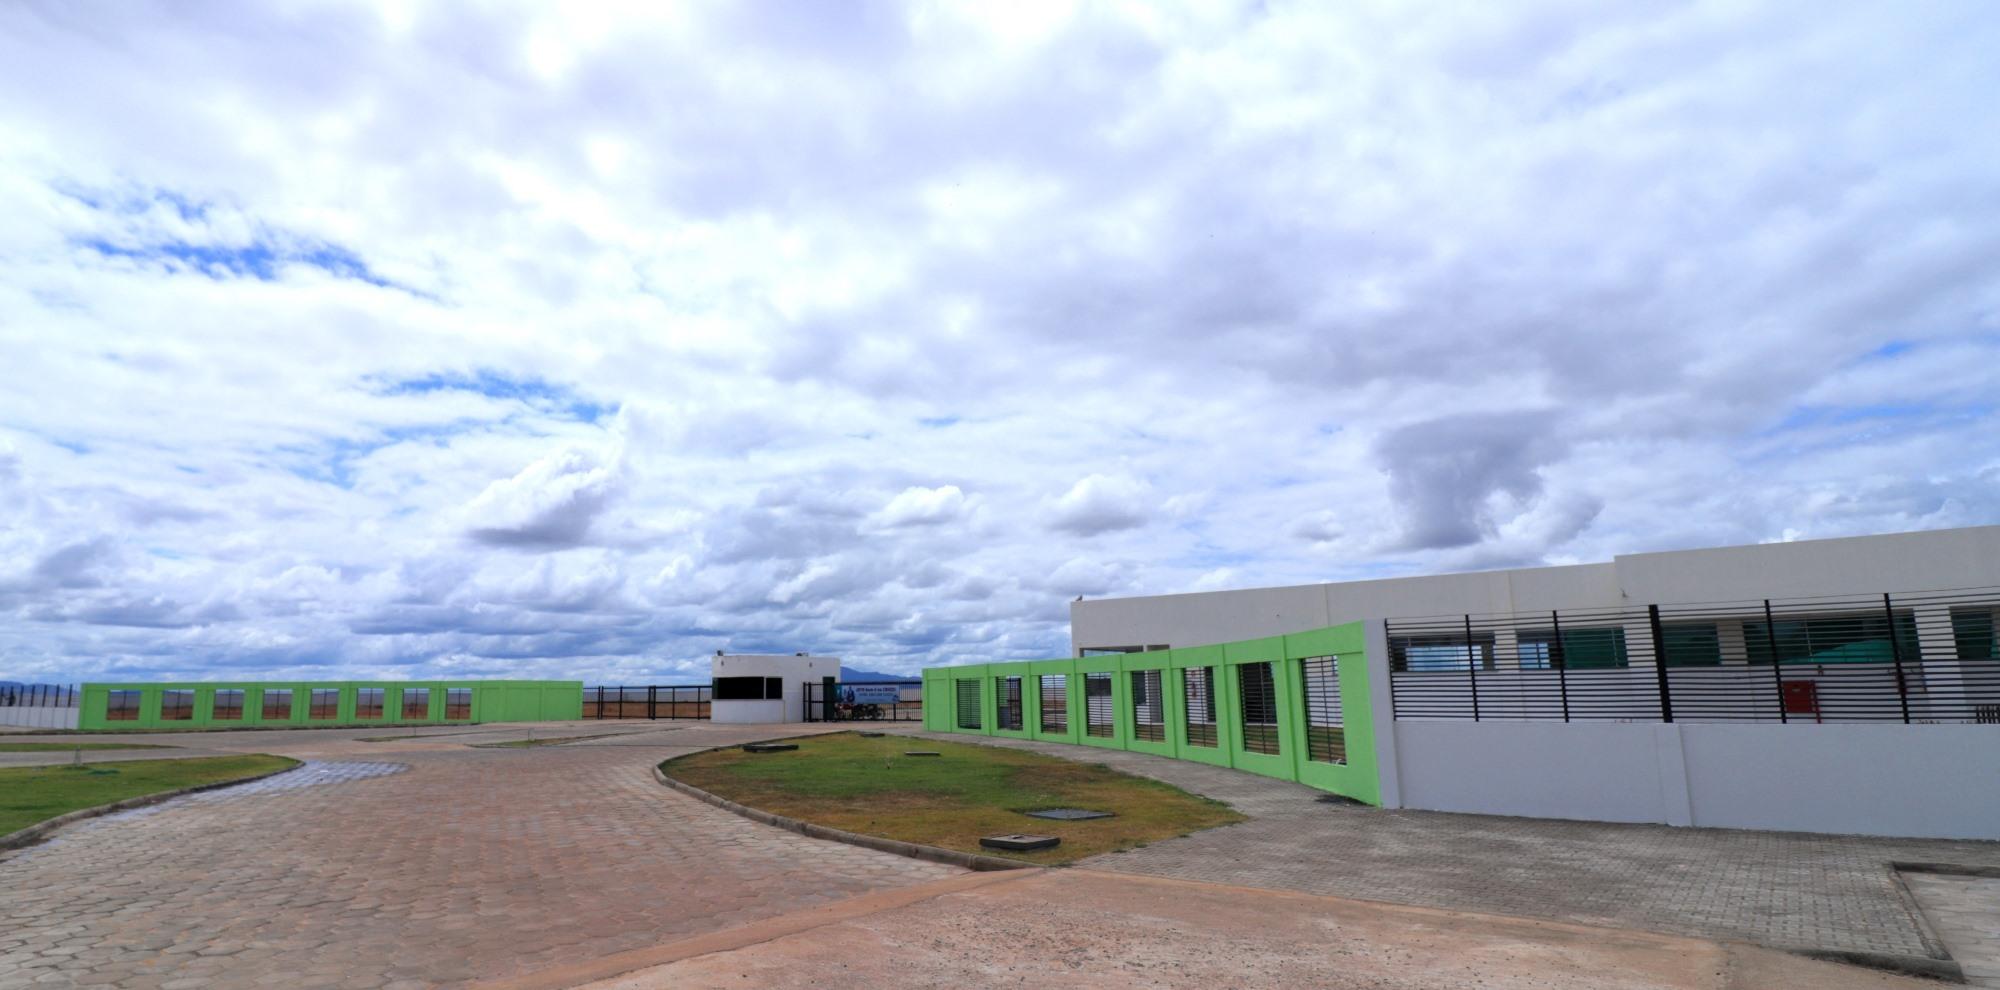 CIÊNCIA E TECNOLOGIA - Campus Boa Vista Zona Oeste desenvolverá oito projetos de pesquisa em 2021